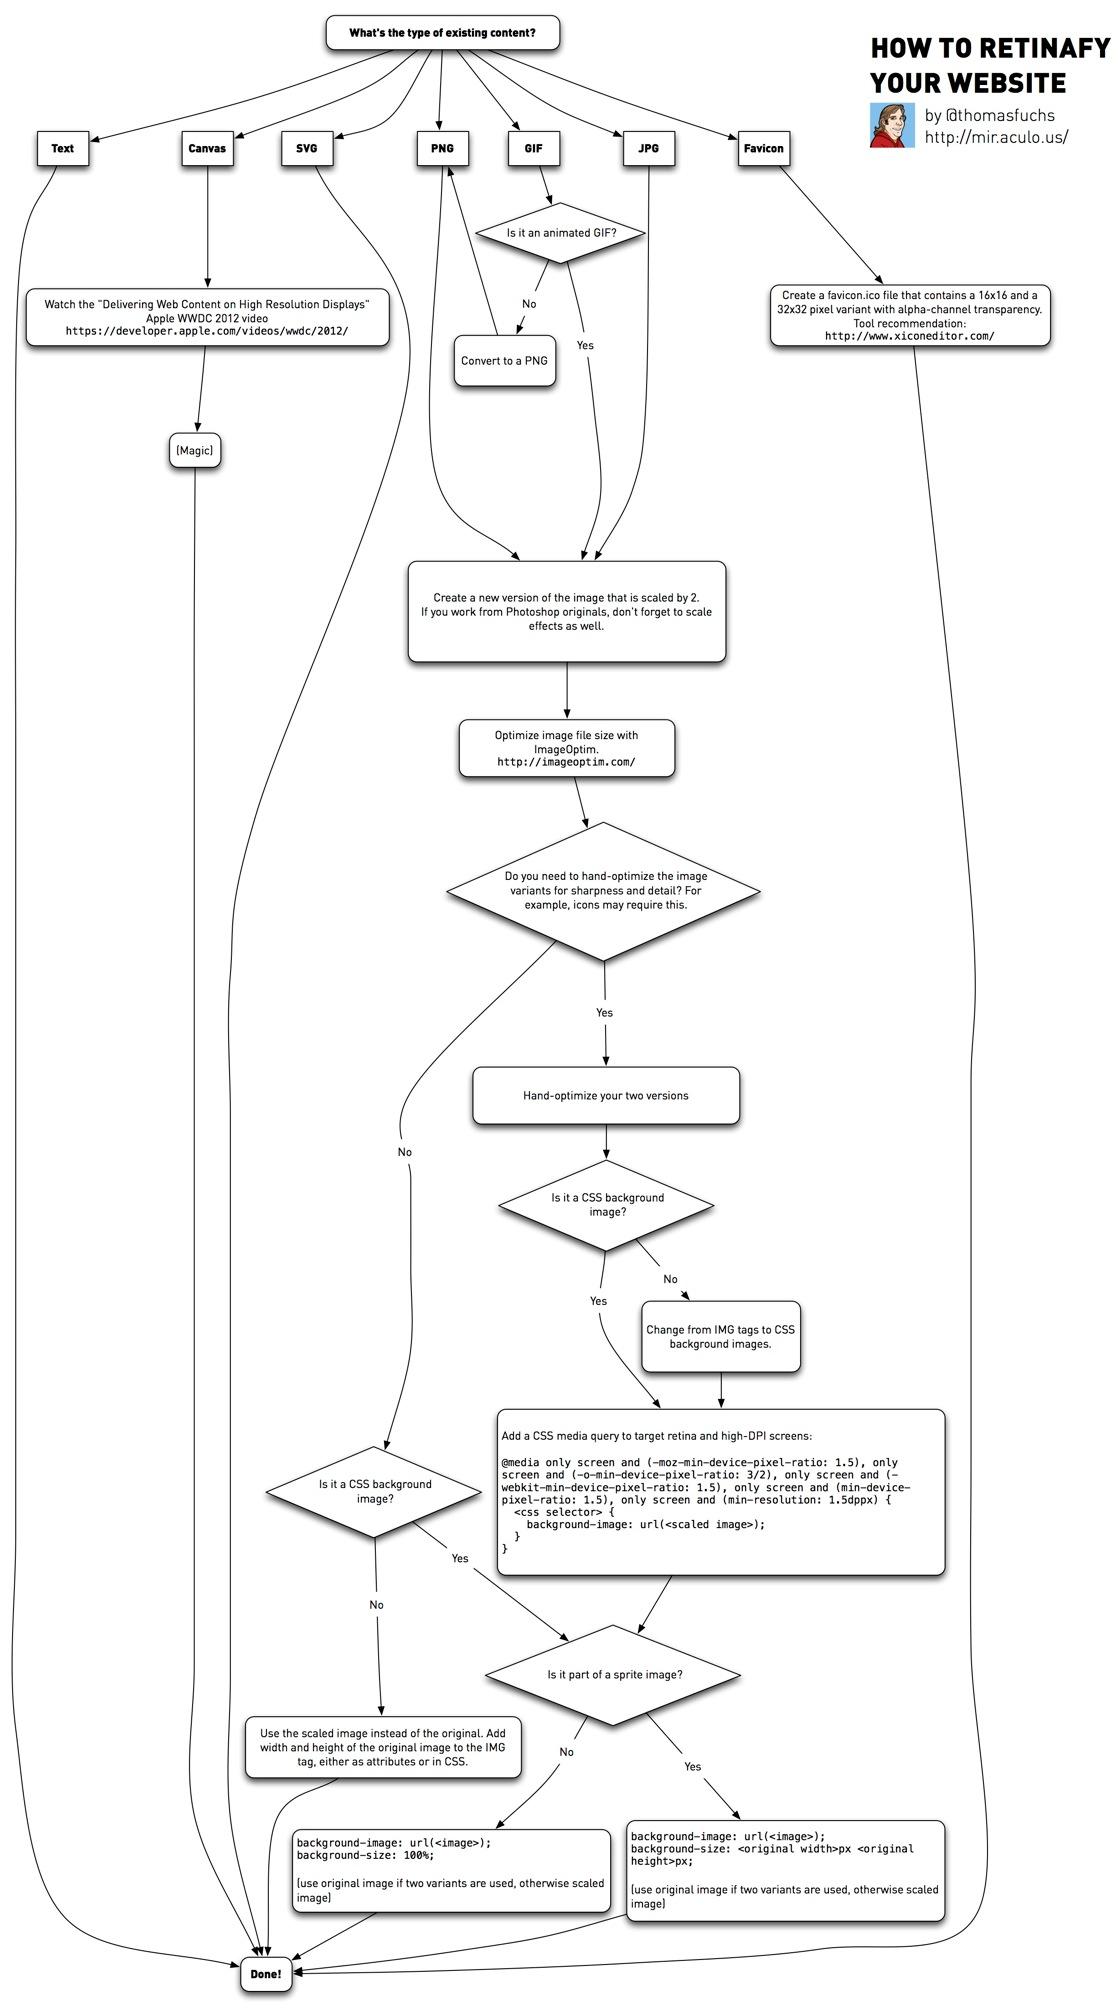 Retinaディスプレイに対応したサイトを作る方法(フローチャートでわかりやすく)